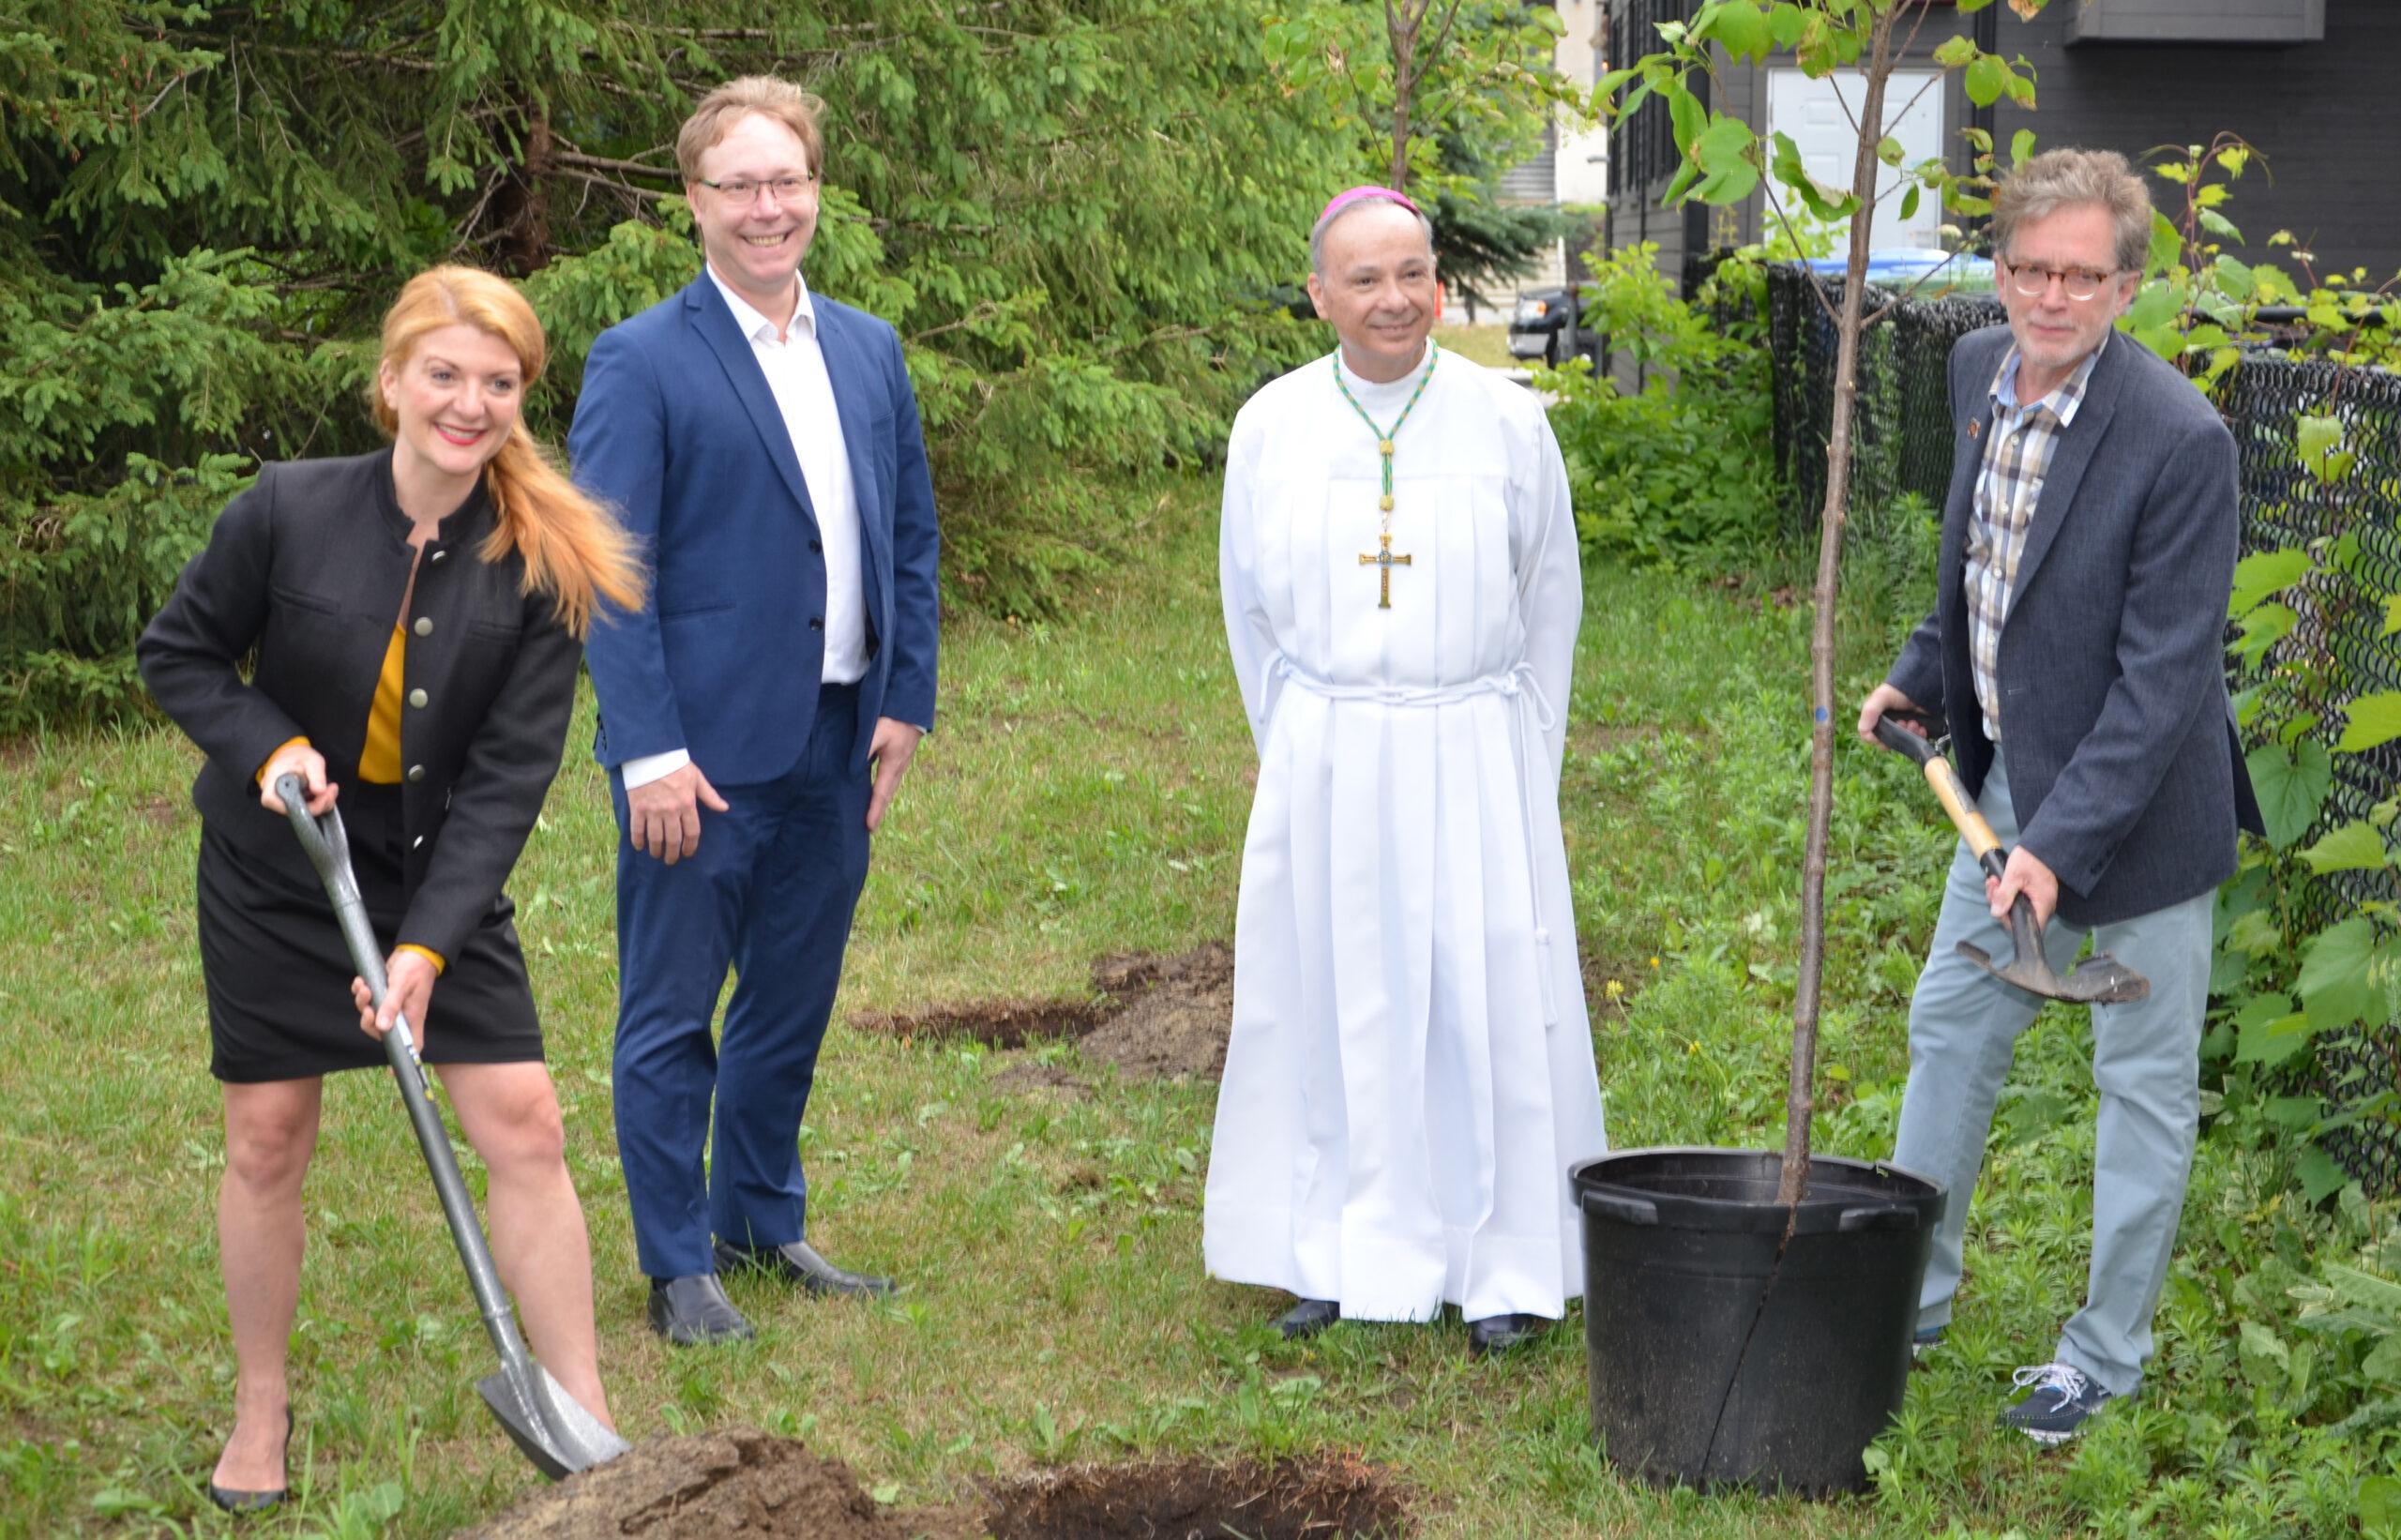 Le dimanche 27 juin 2021, la mairesse Janice Bélair-Rolland, Mgr Raymond Poisson et le président de HAL, Henri Prévost, ont dévoilé le panneau commémoratif, au parc de la Cathédrale.